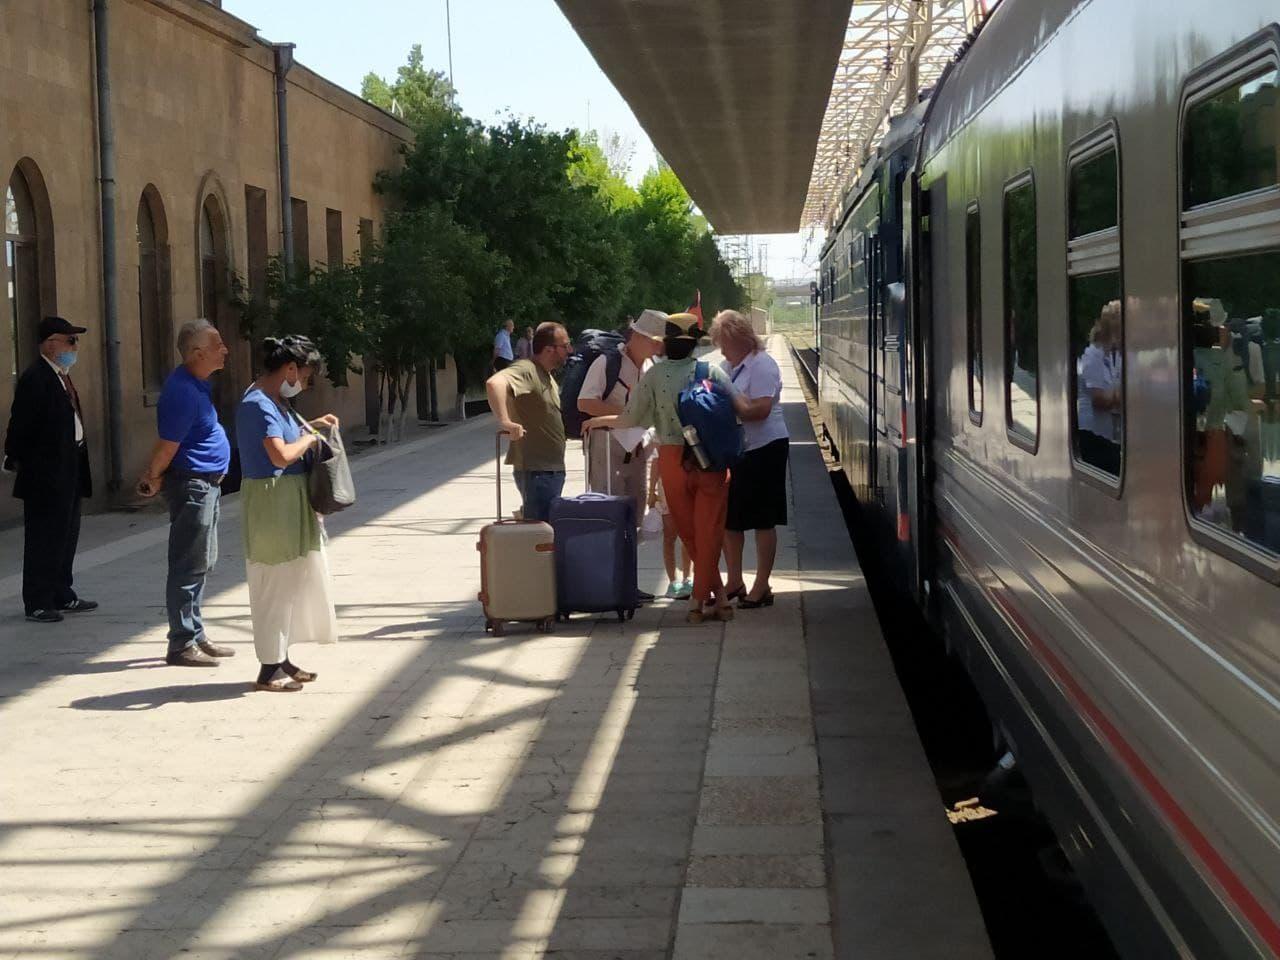 ՀԿԵ. Բացվեց ամառային ուղևորափոխադրումների սեզոնը. Բաթումի է մեկնել այս տարվա առաջին գնացքը